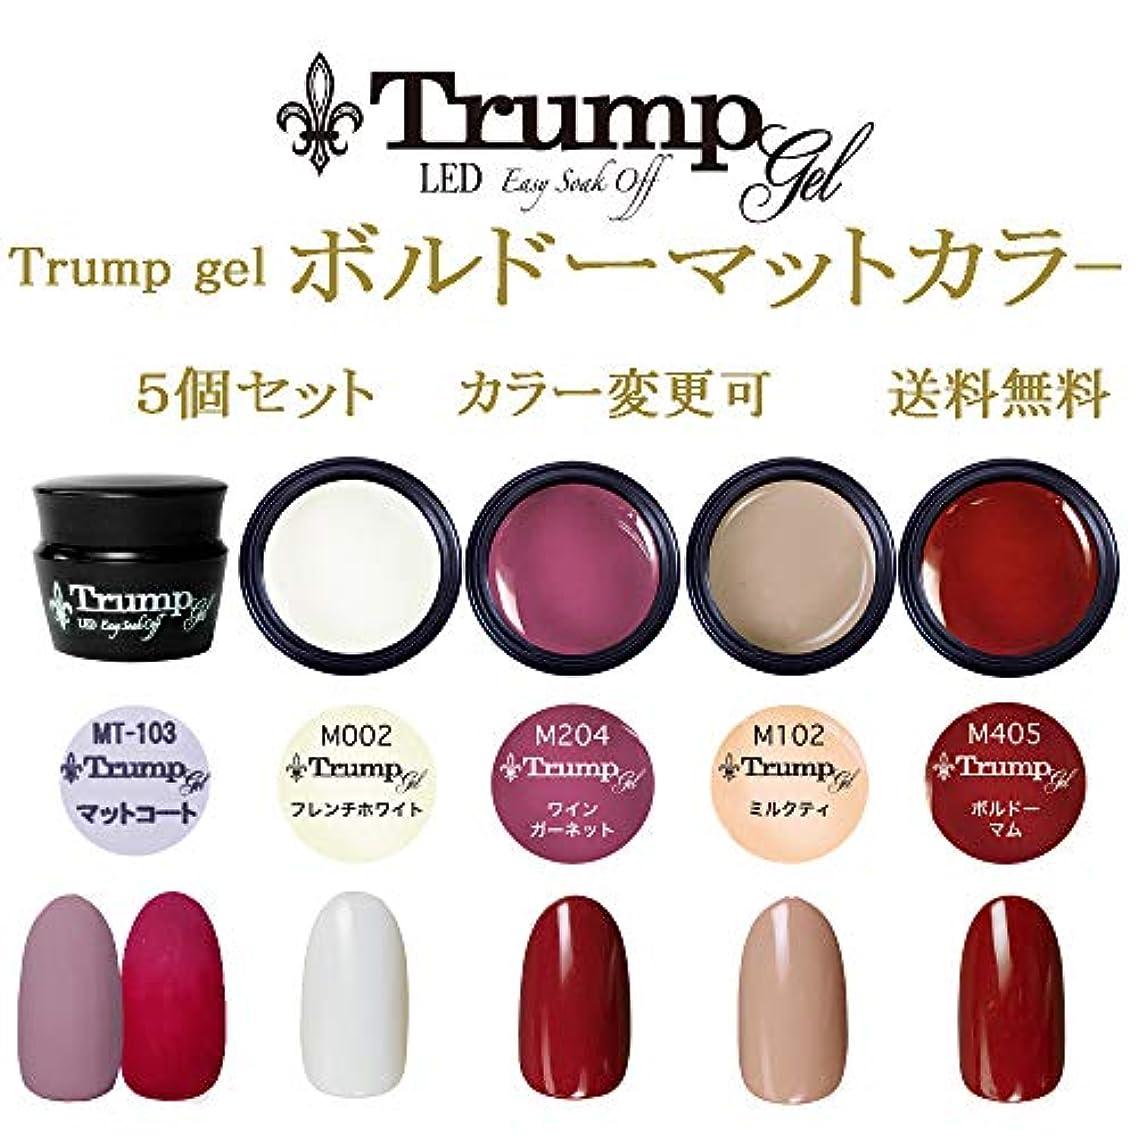 日本製 Trump gel トランプジェル ボルドー マット カラー 選べる カラージェル 5個セット マットコート ホワイト ワイン レッド ベージュ